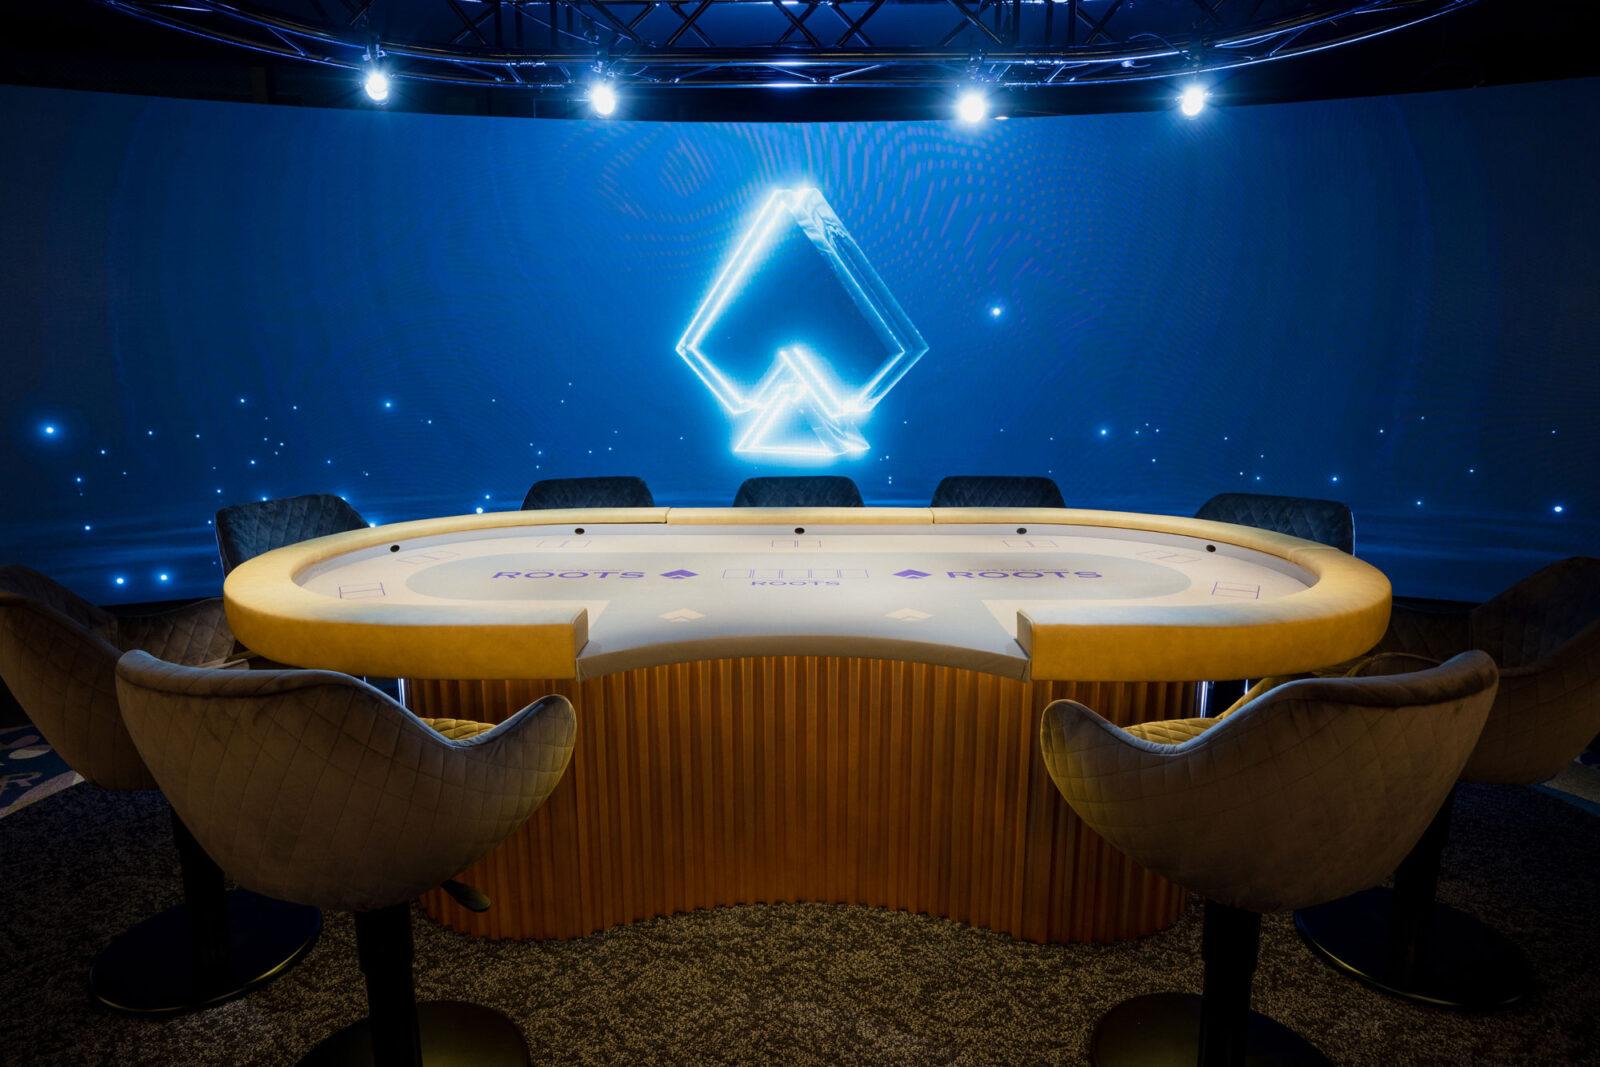 奥の一段高くなった場所にあるのが、上位ランカーのみが使用する特別テーブル。ビッグトーナメントの決勝戦では、スクリーンにオリジナル動画が映し出され場を盛り上げる。